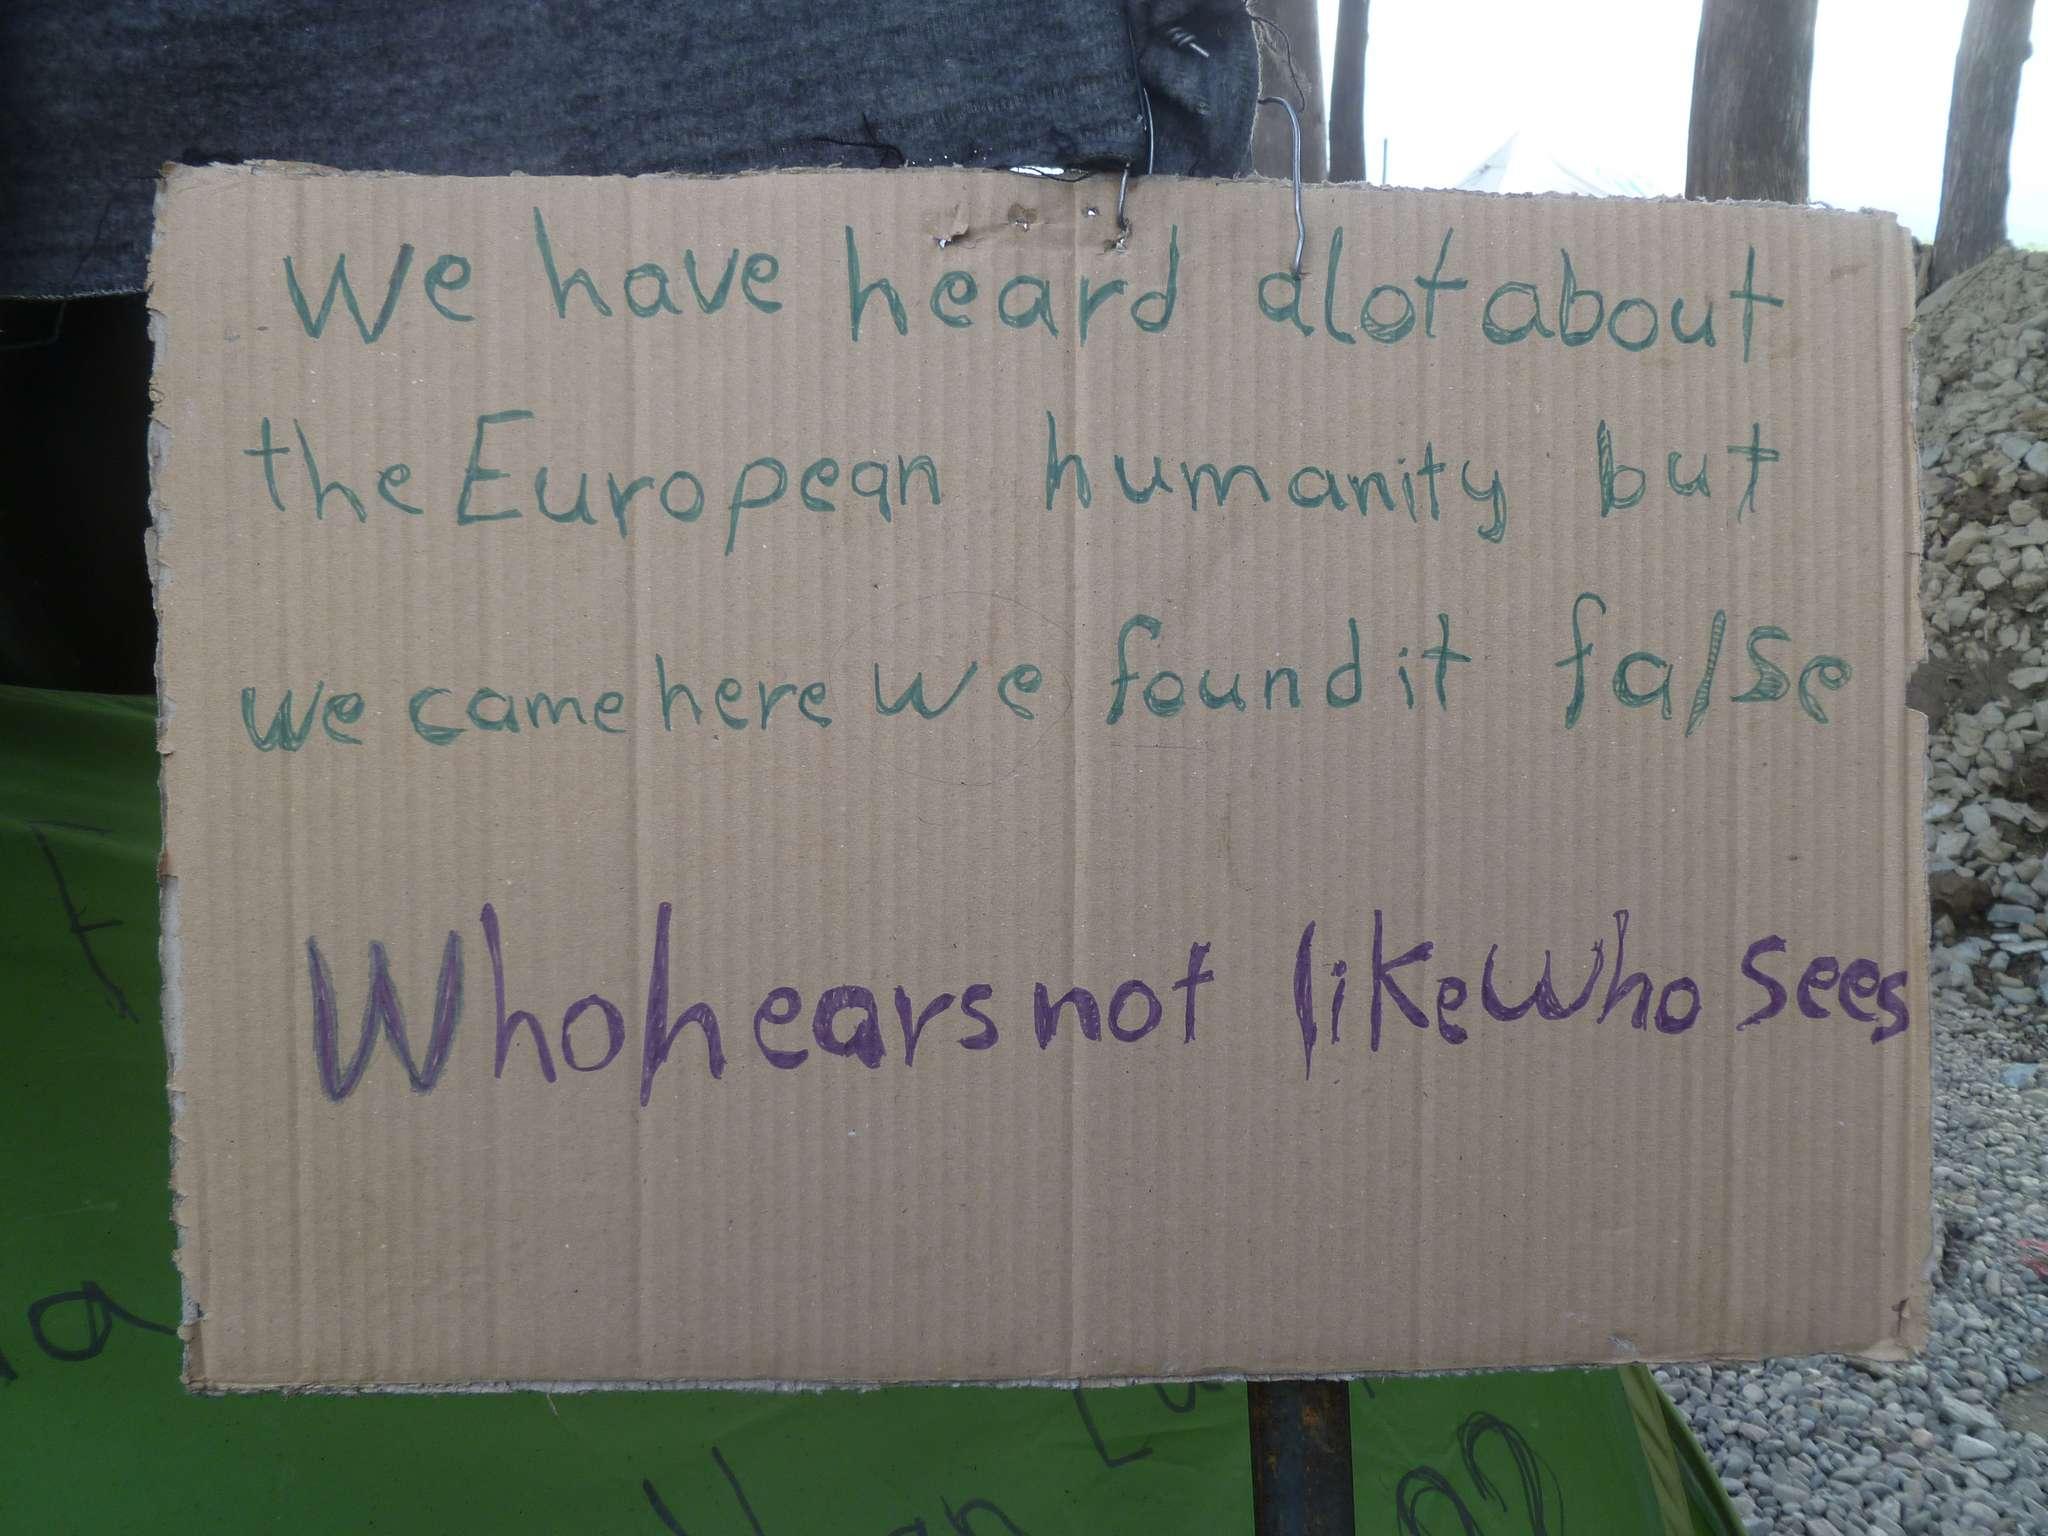 refugiados-denuncia-social-p1050090